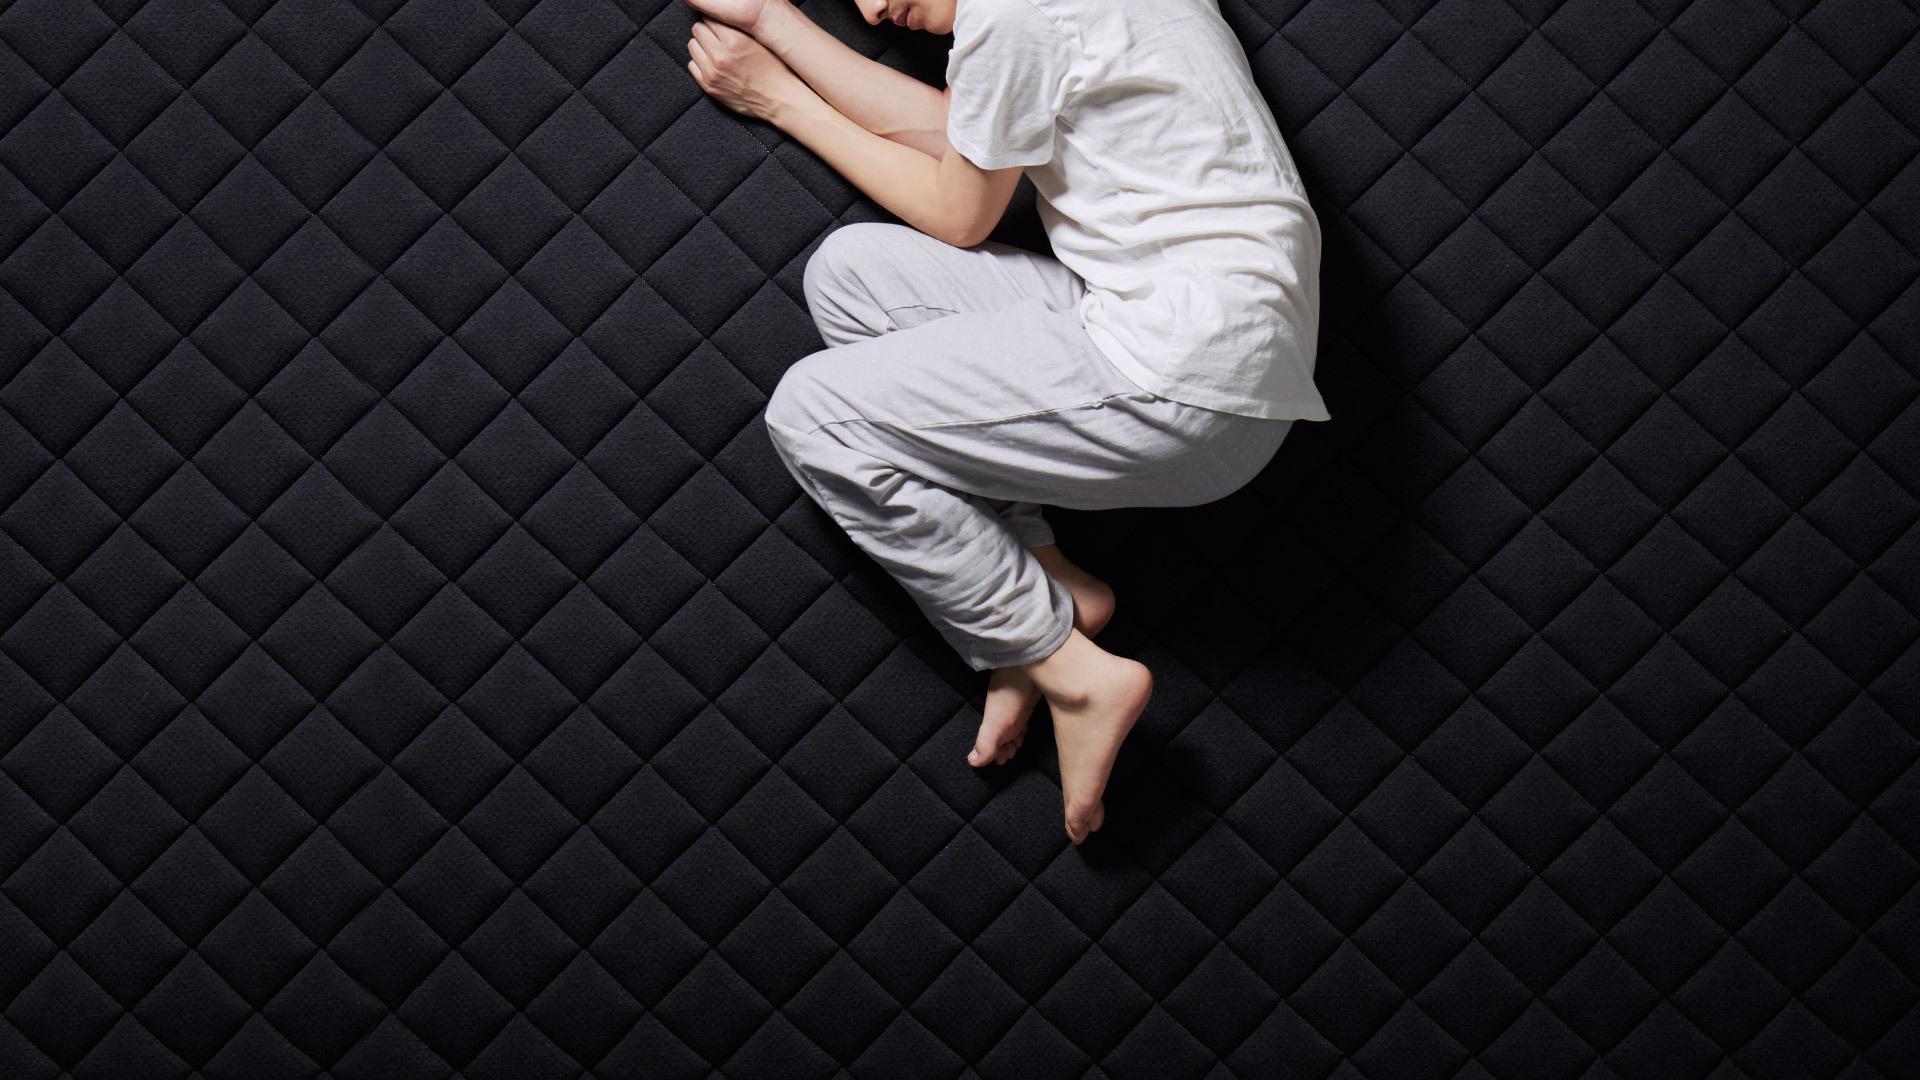 灰黑色释压暗示,提升视觉联想与心理暗示的安全感,卸除一身压力,让身体自然进入深睡眠状态。